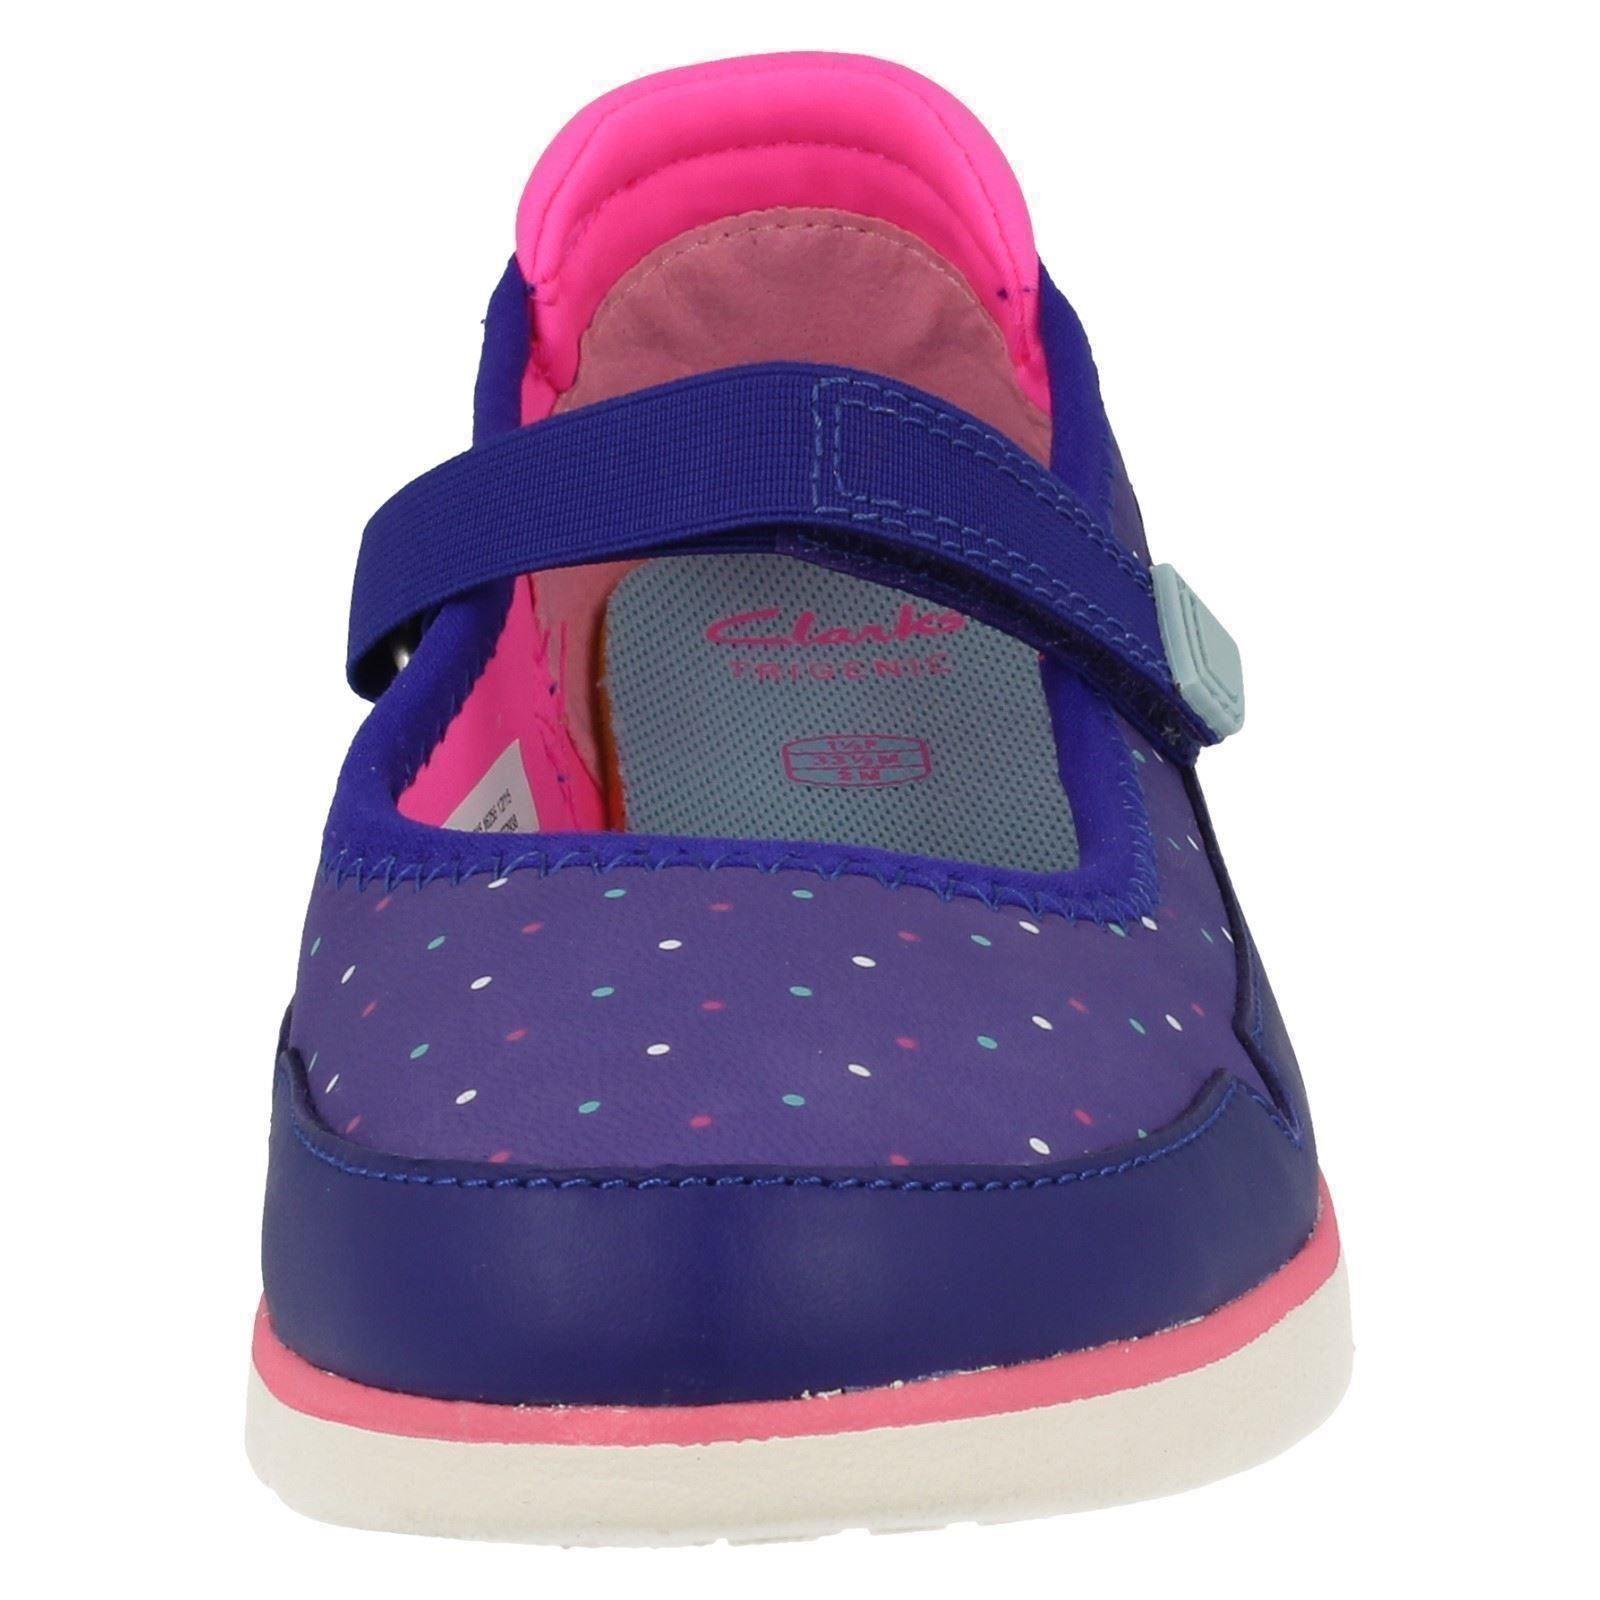 Diario Tri Zapatos De Clarks Ligero Bitsey' Niña ' Iqw6YWC